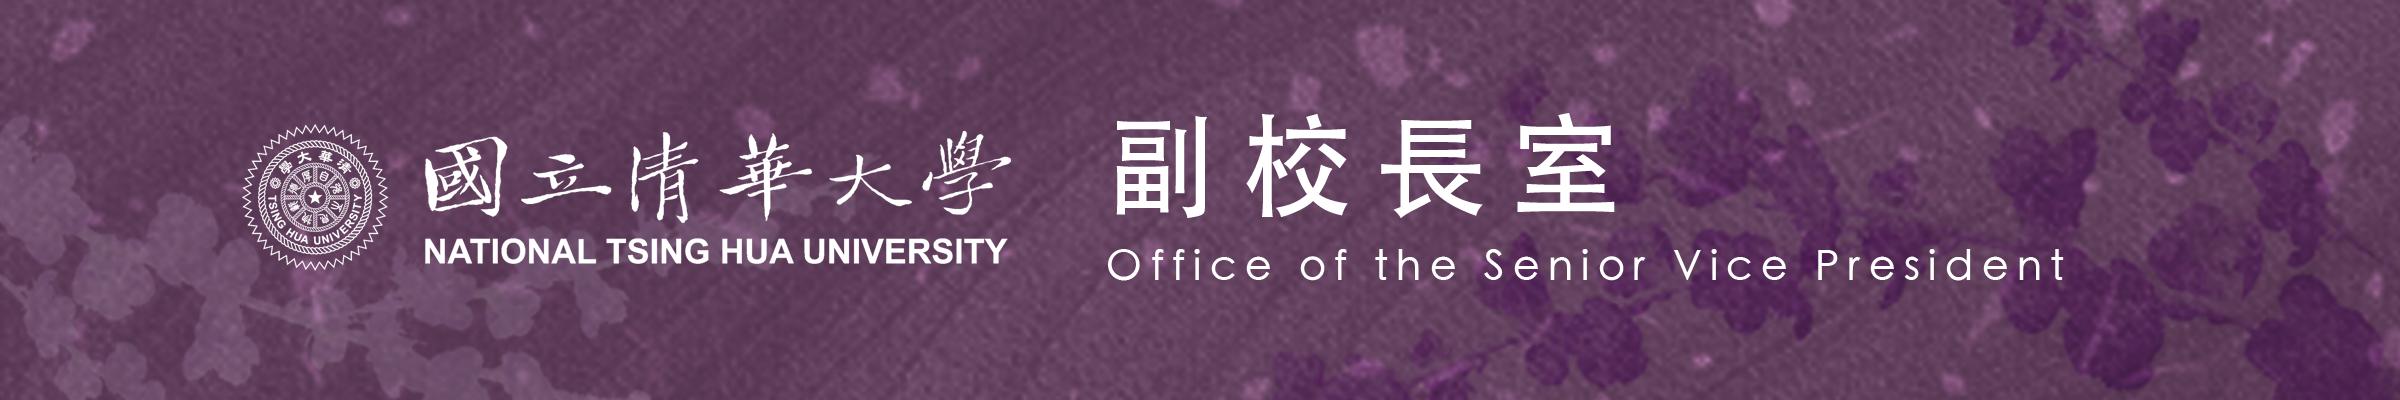 國立清華大學副校長室